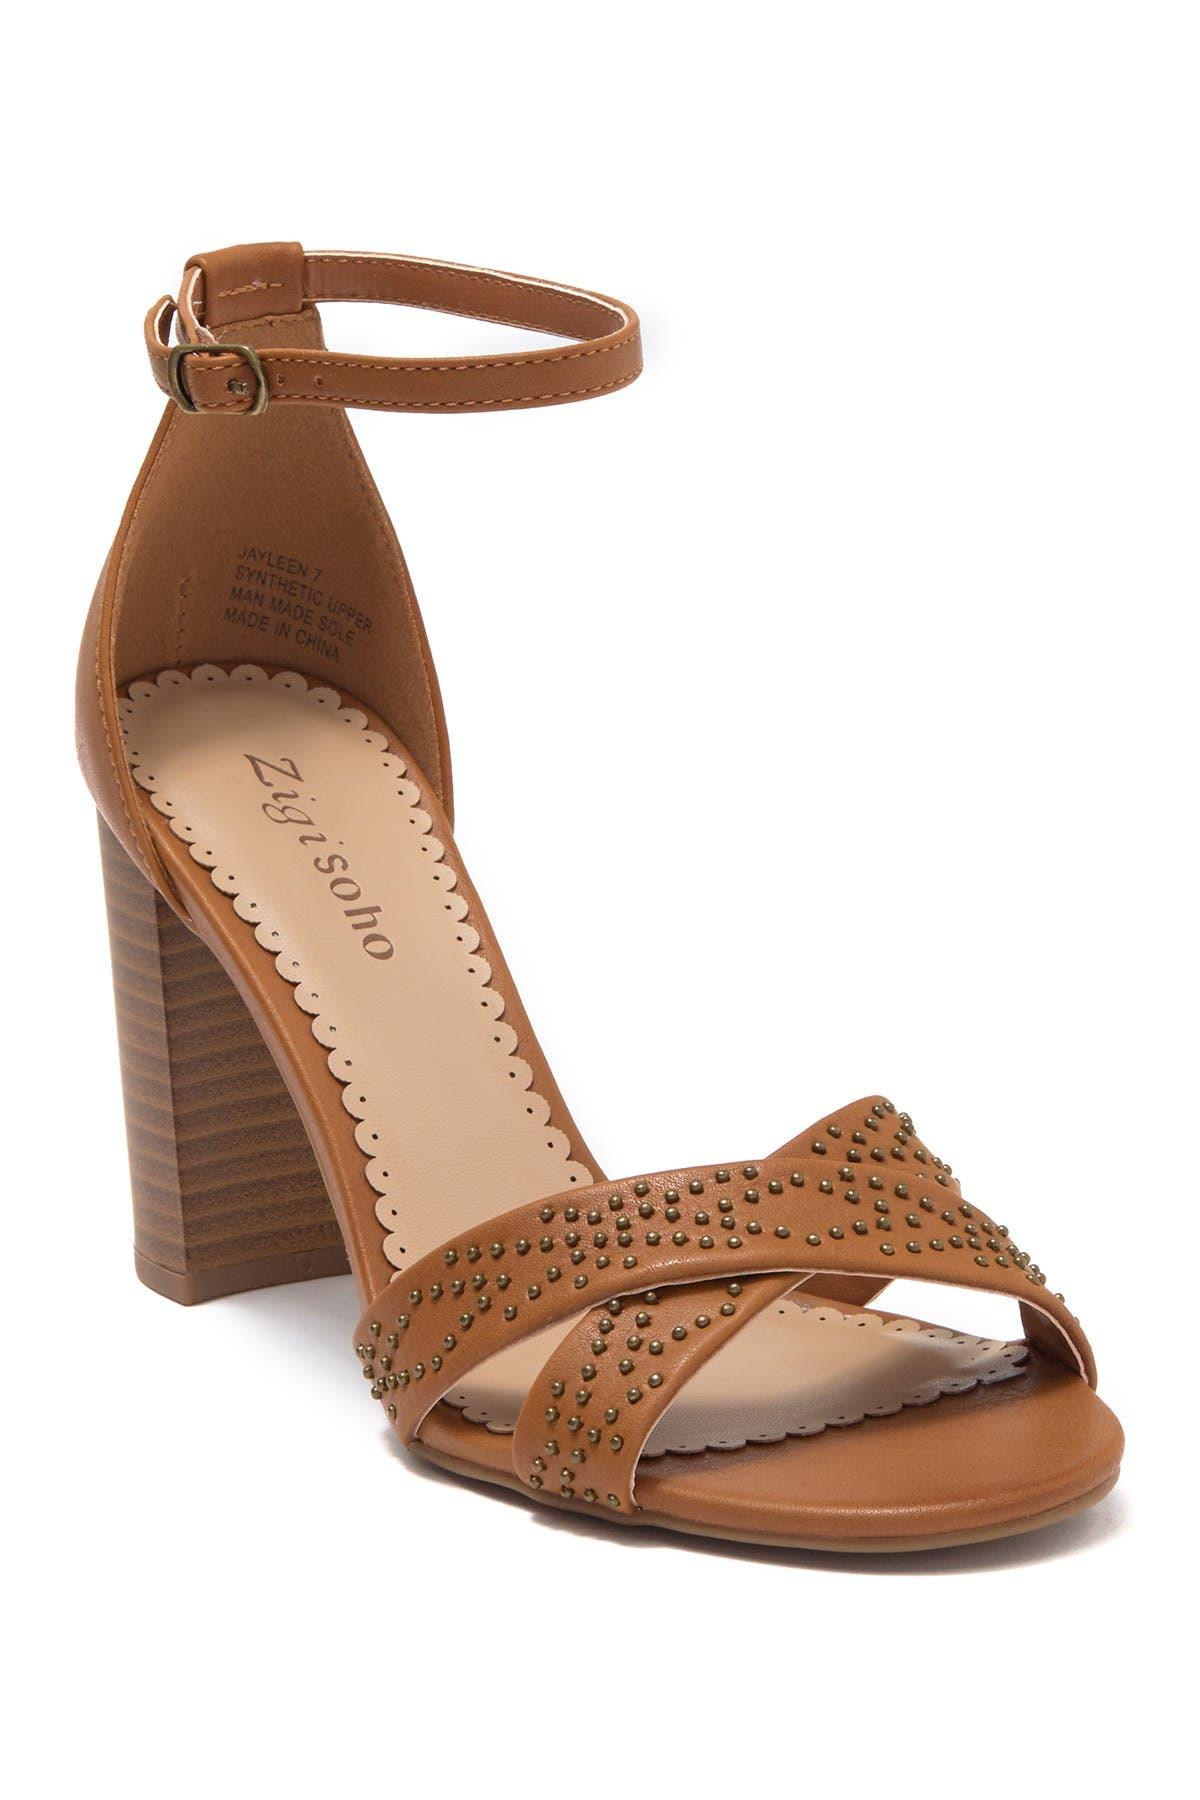 Zigi Soho Jayleen Studded Heeled Sandal at Nordstrom Rack